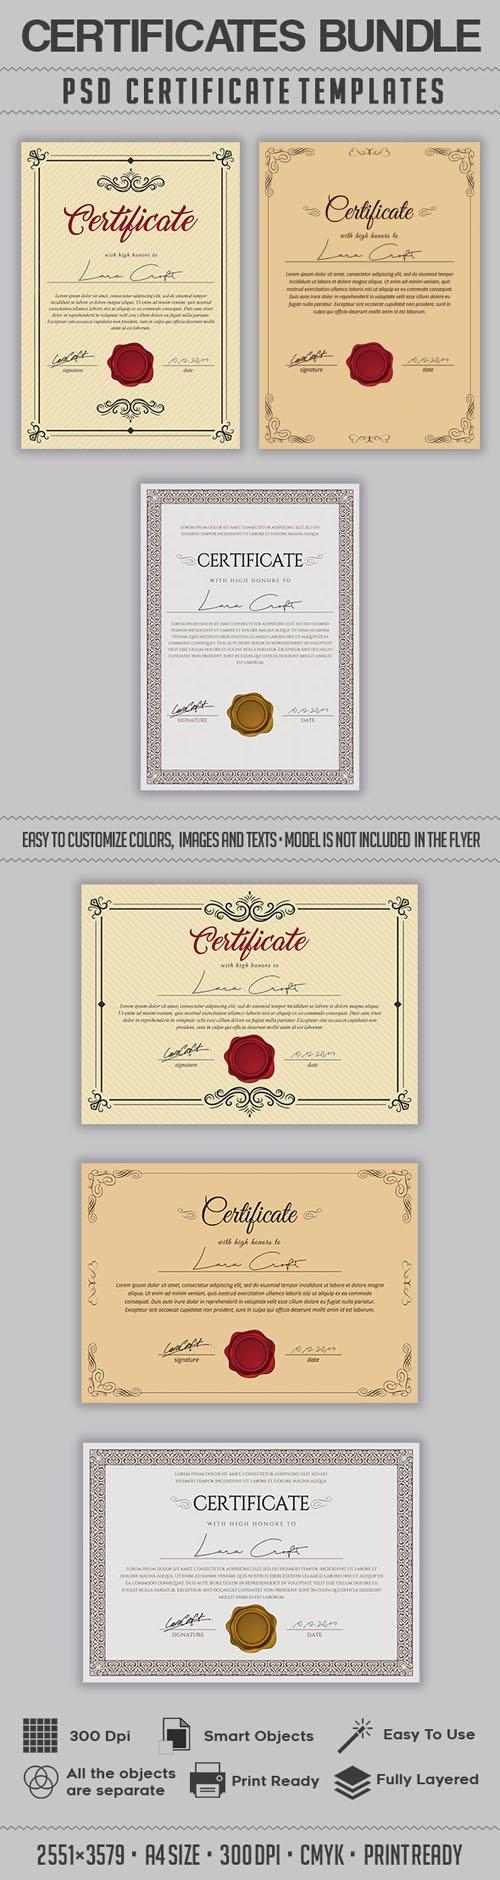 Multipurpose Certificates PSD Bundle Templates